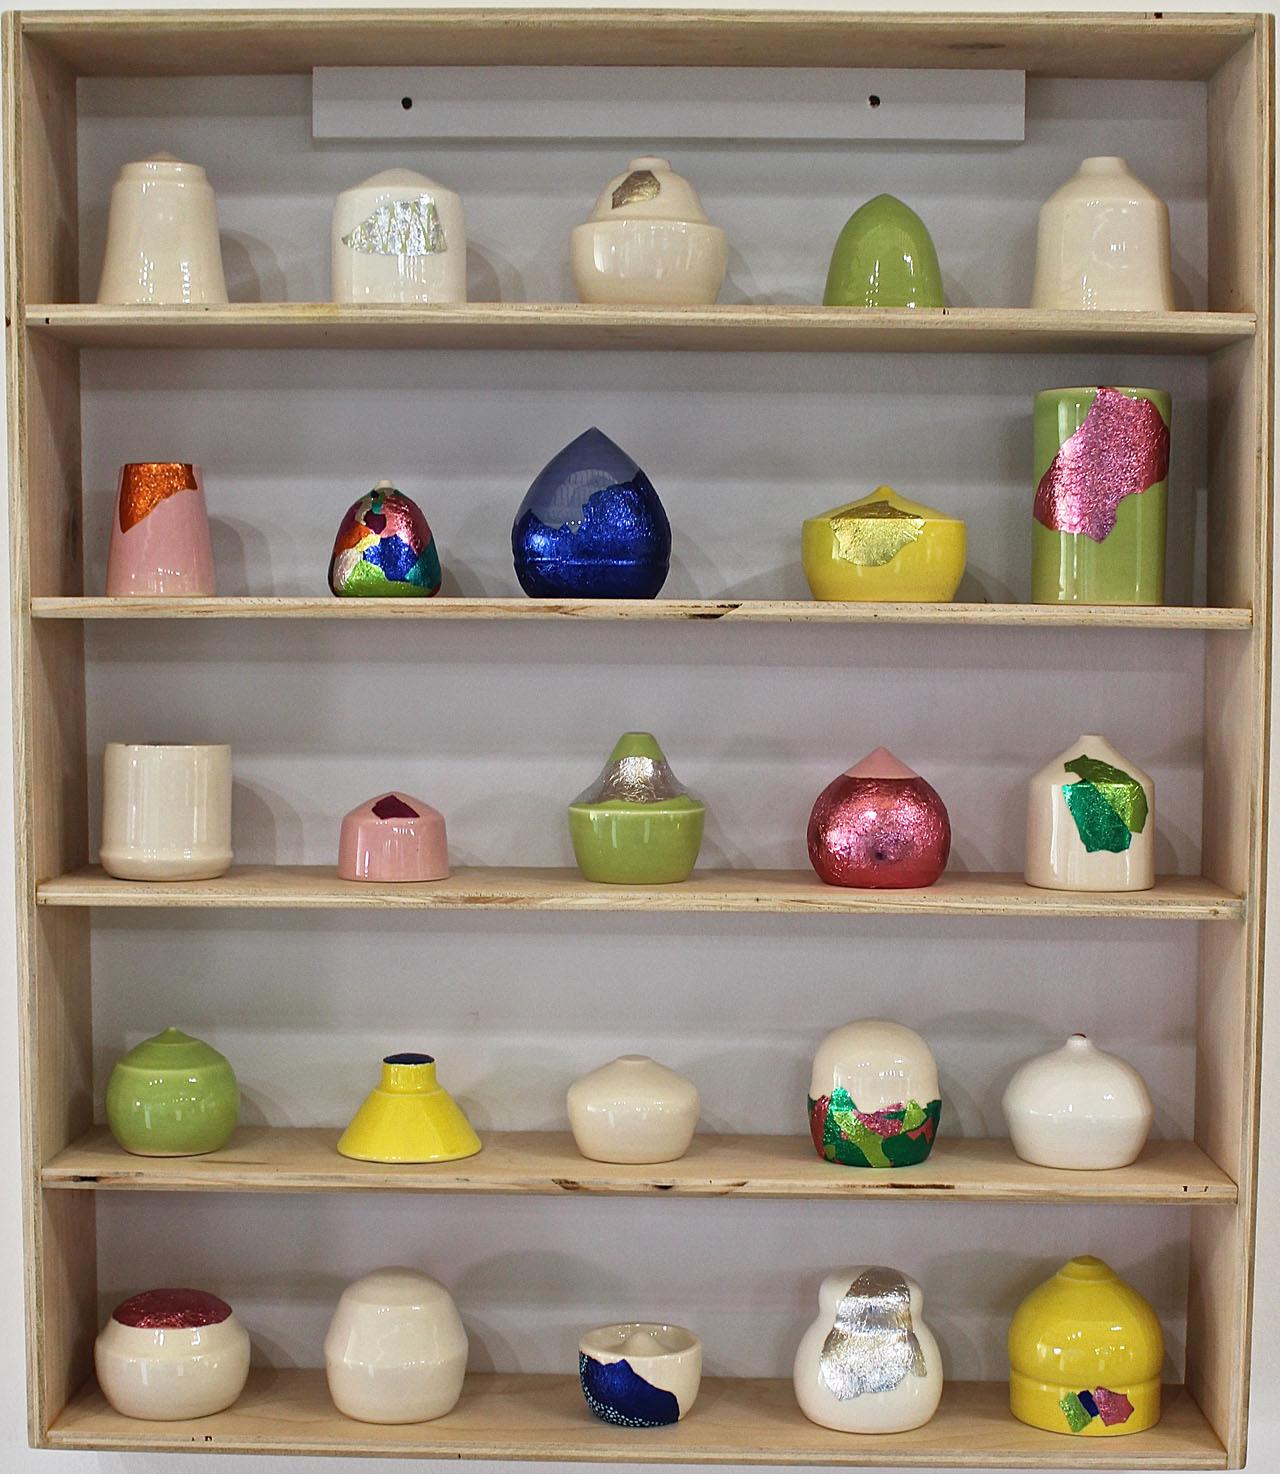 A curio shelf assortment by Victoria Sheehan